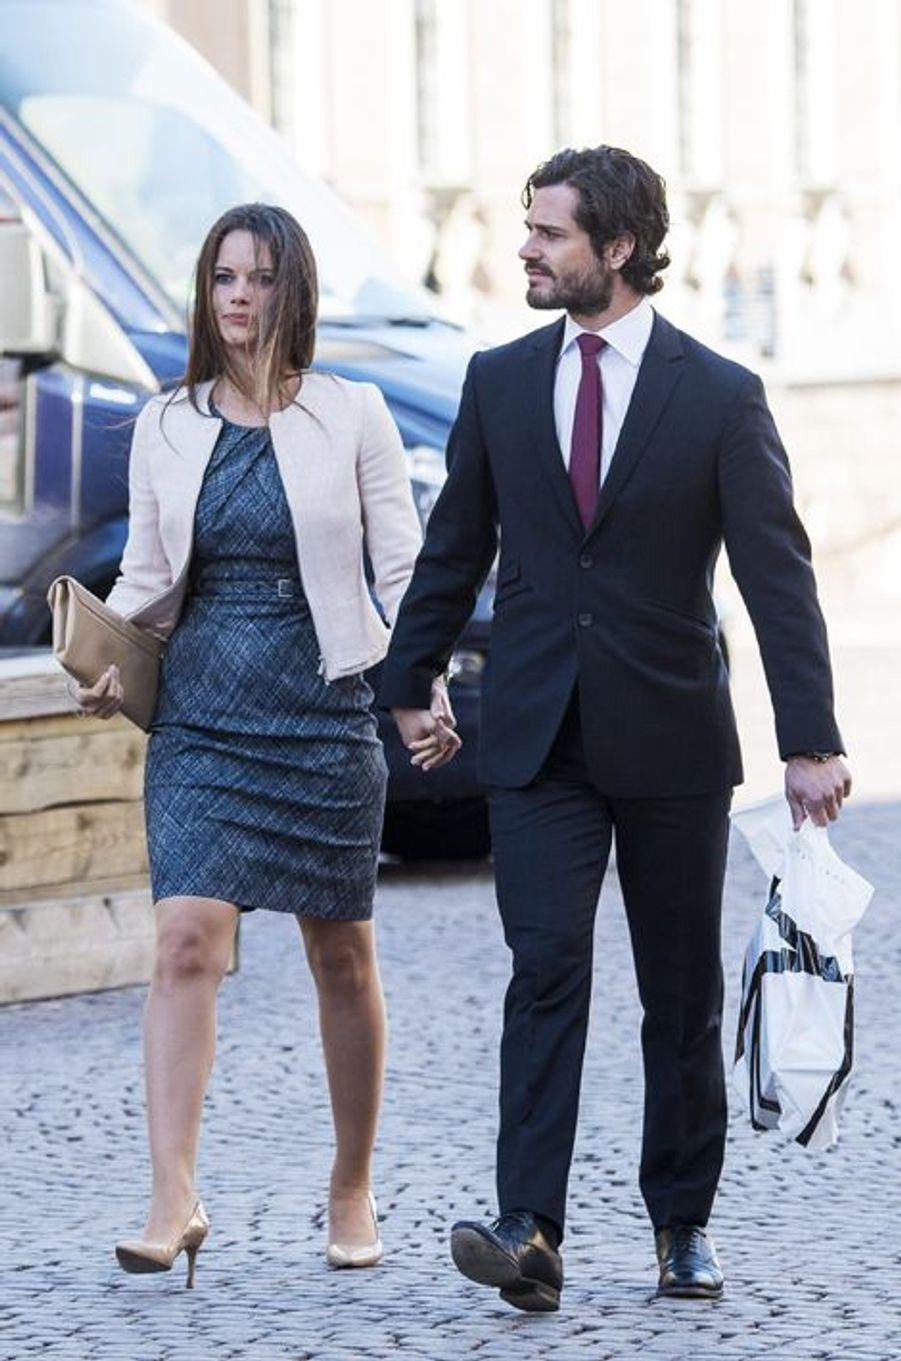 Sofia Hellqvist et le prince Carl Philip à Stockholm, le 21 mars 2015